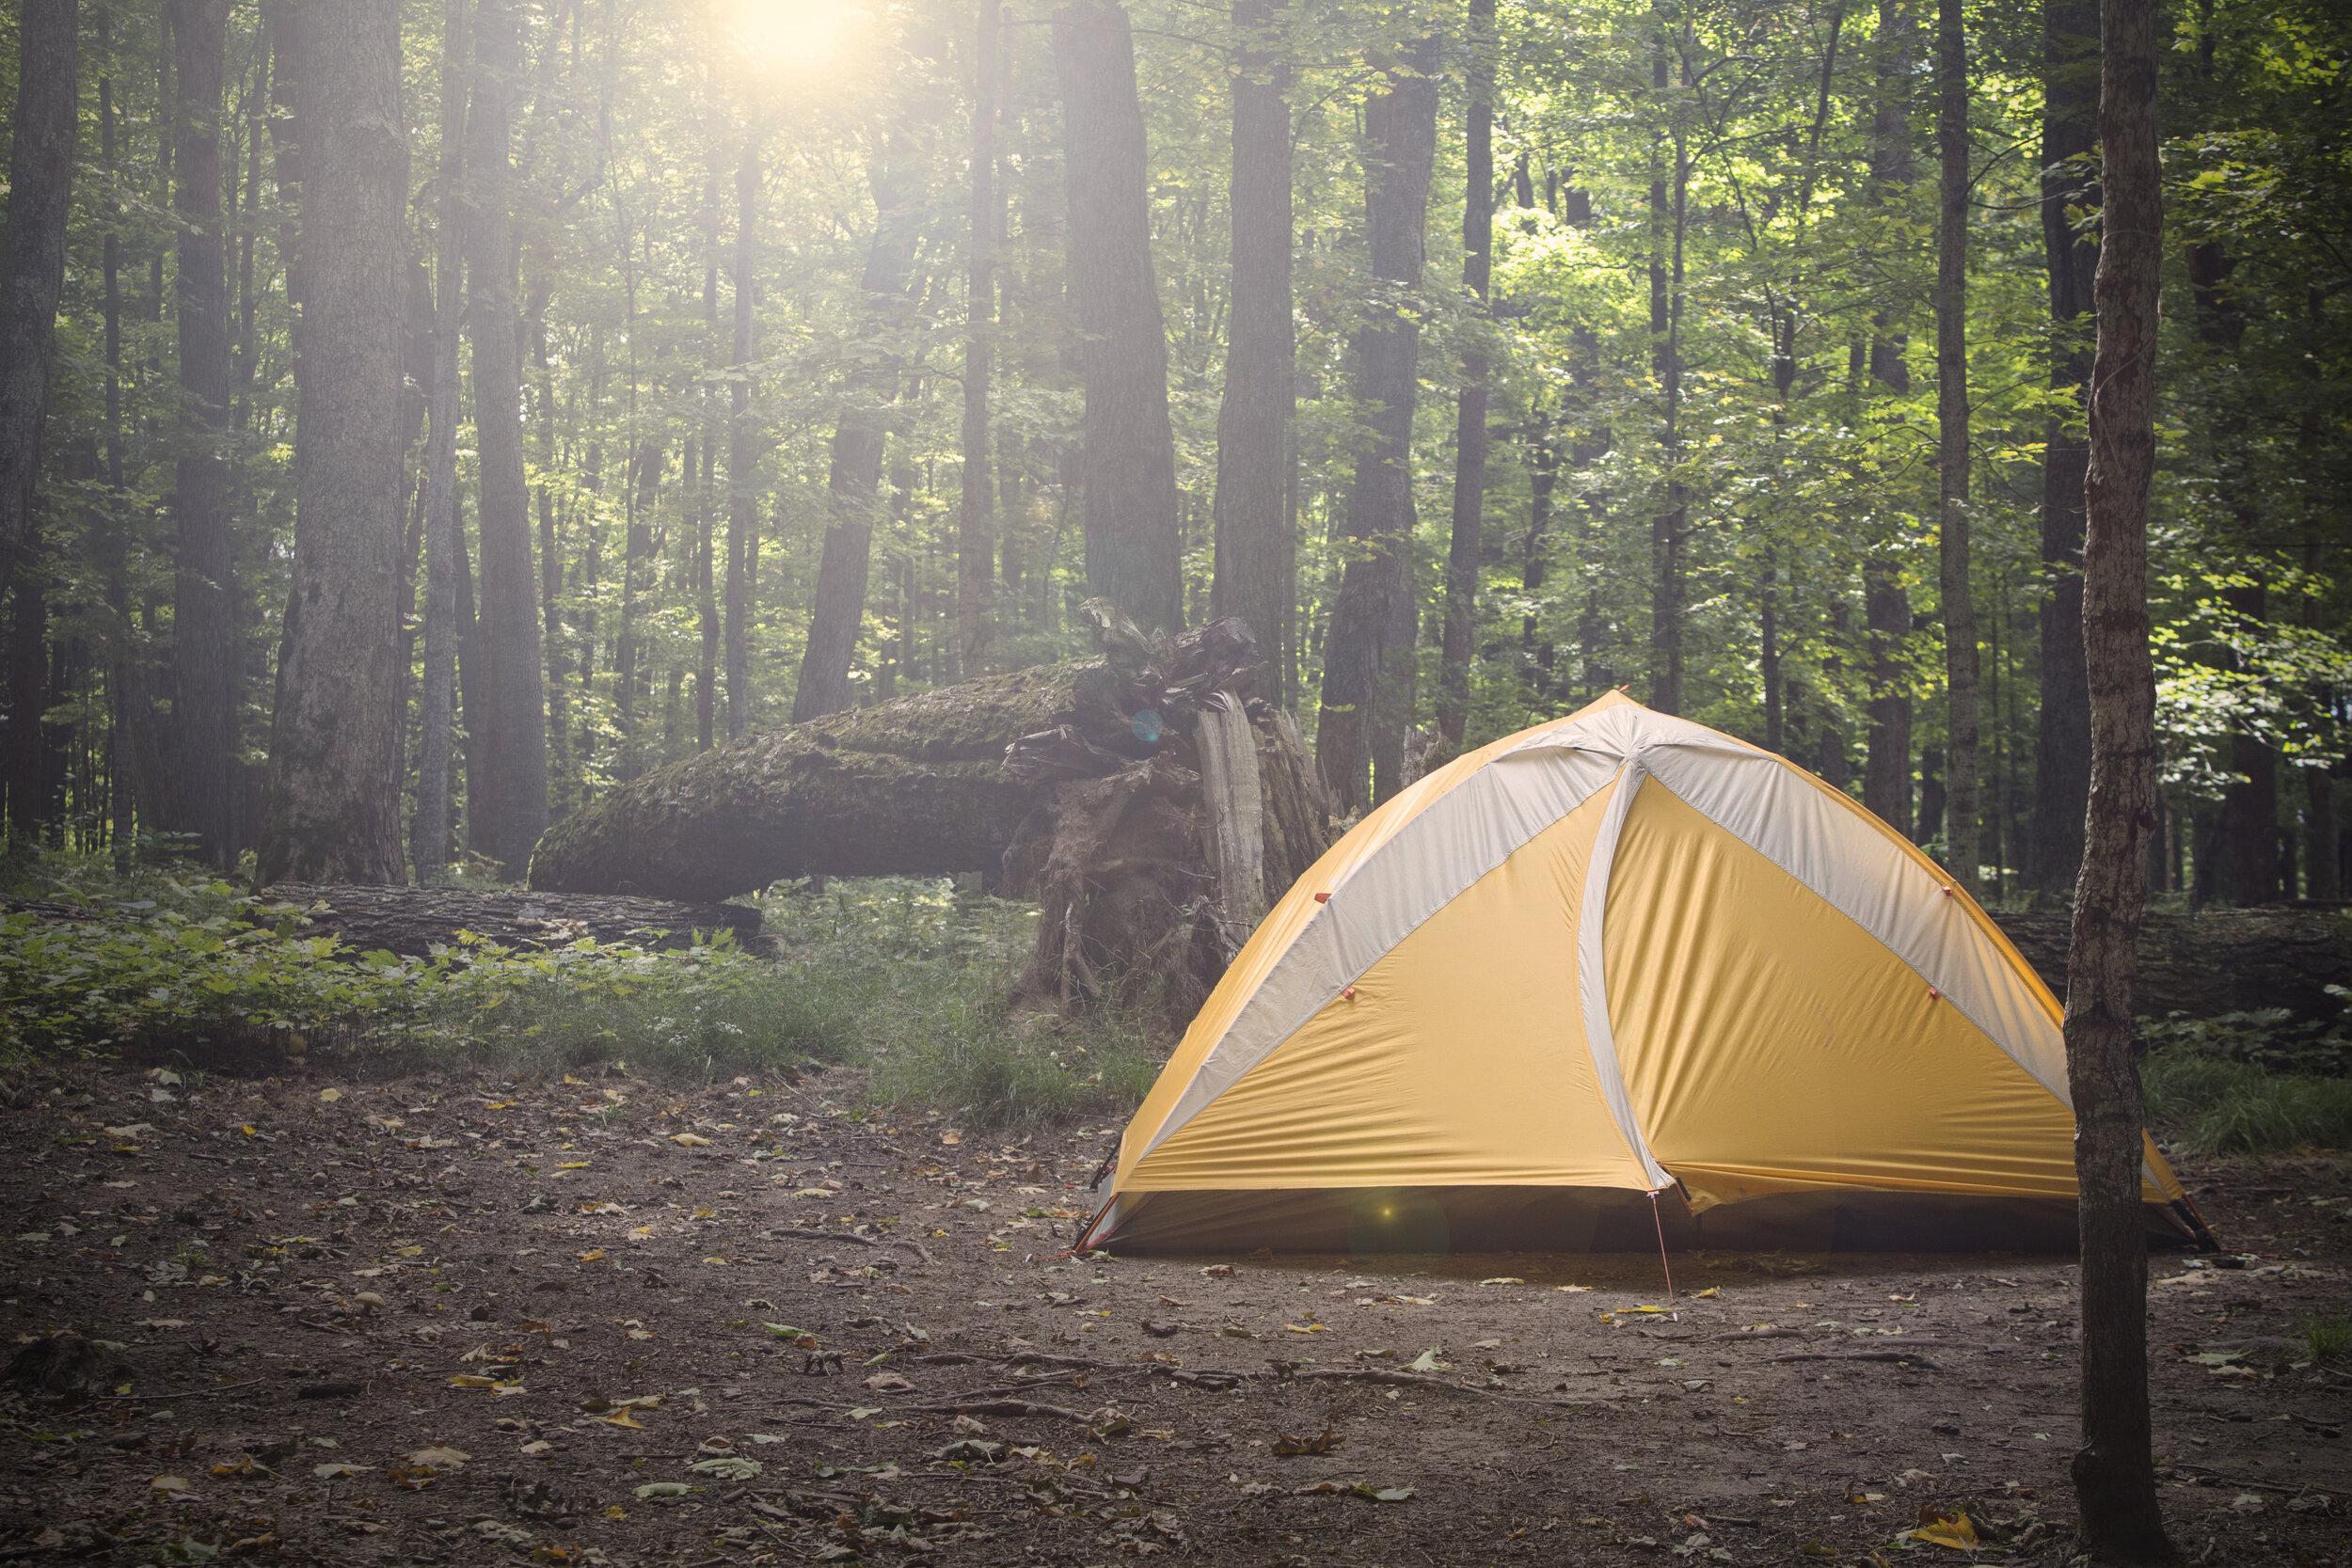 Camping Trip in Algonquin